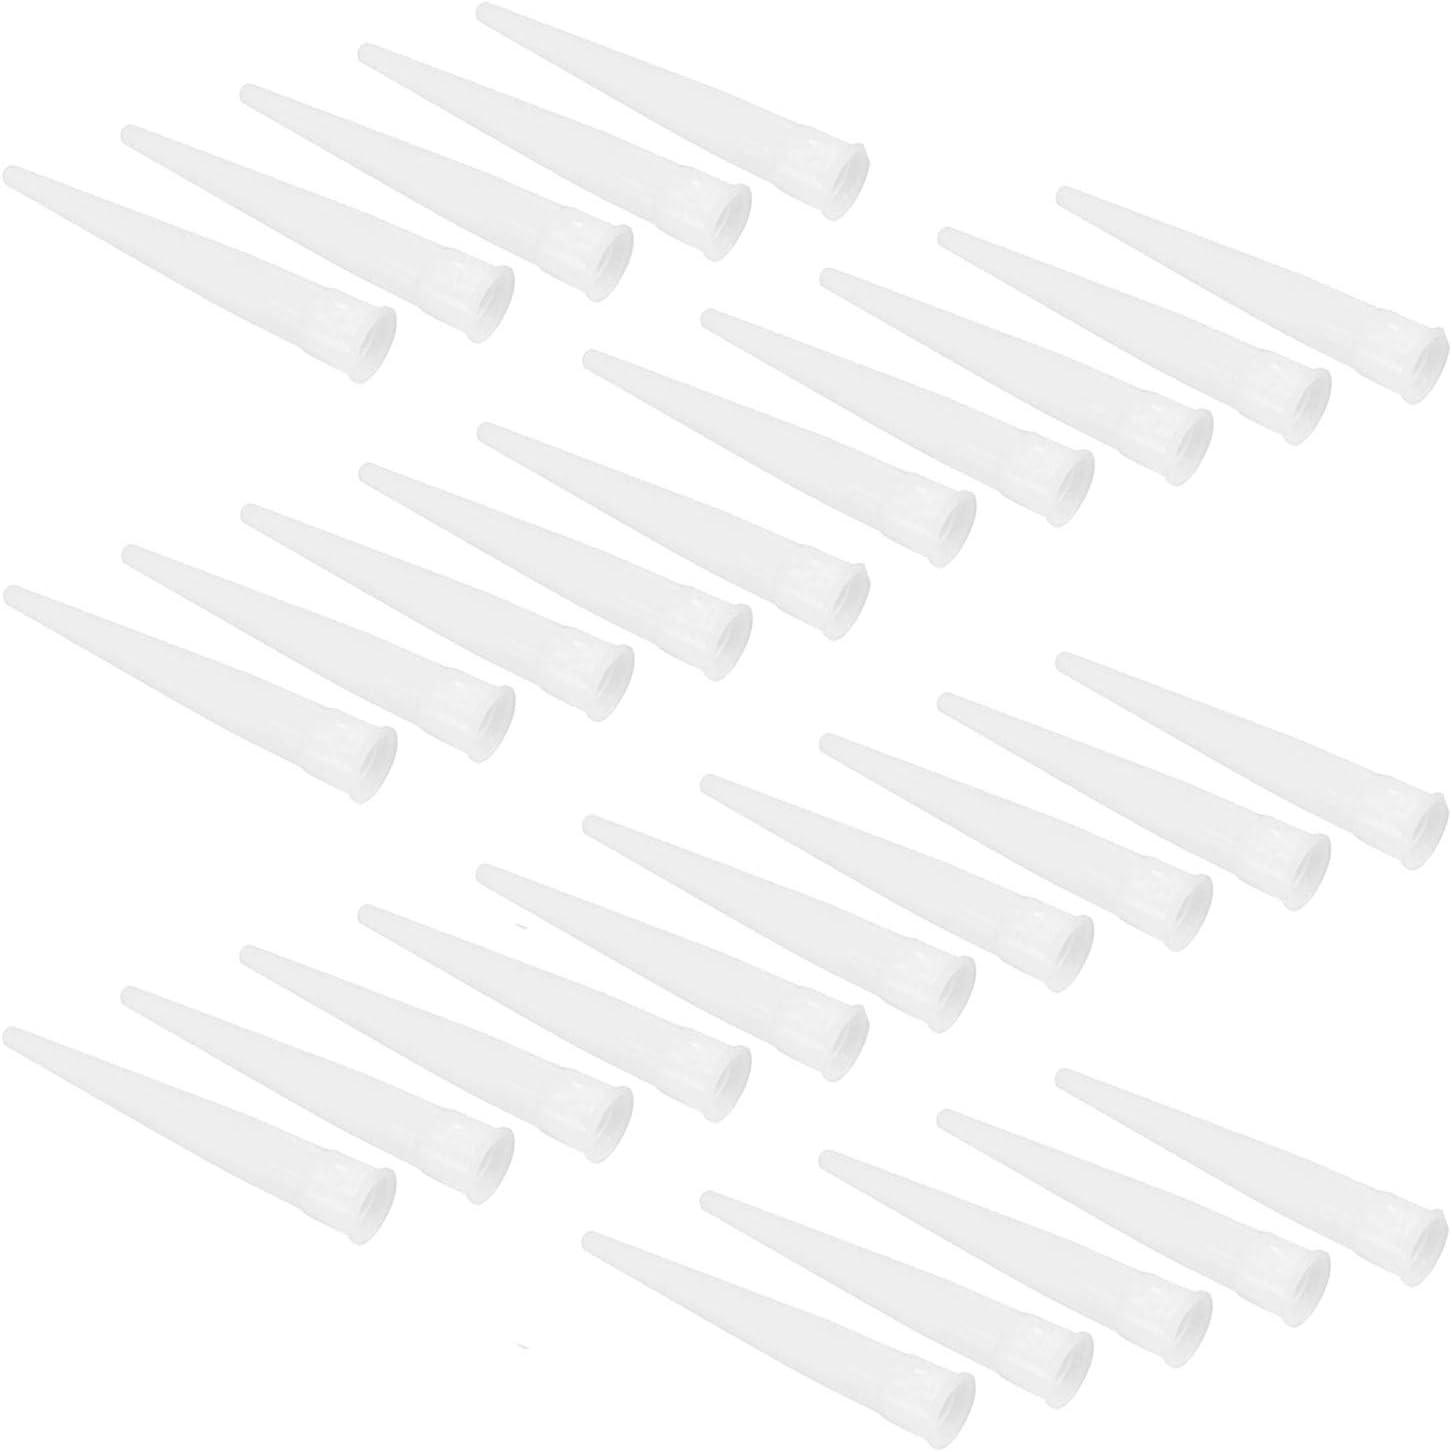 PPX 30 pezzi Boquillas silicona Boquillas Puntas de repuesto puntas de silicona cartucho Boquillas Puntas silicona Boquillas